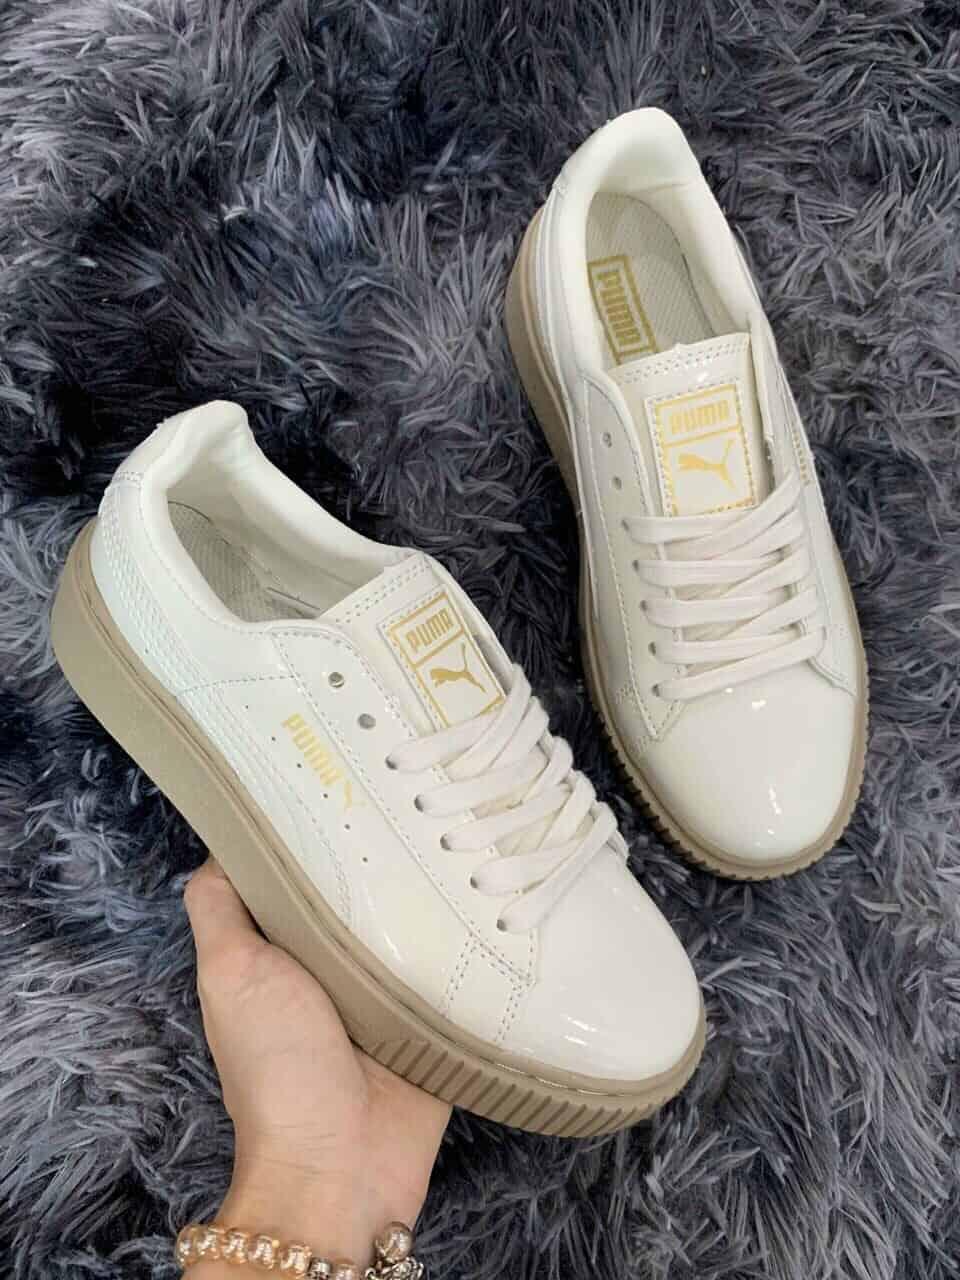 Mẫu giày Puma chất lượng được bán tại BT Sneaker